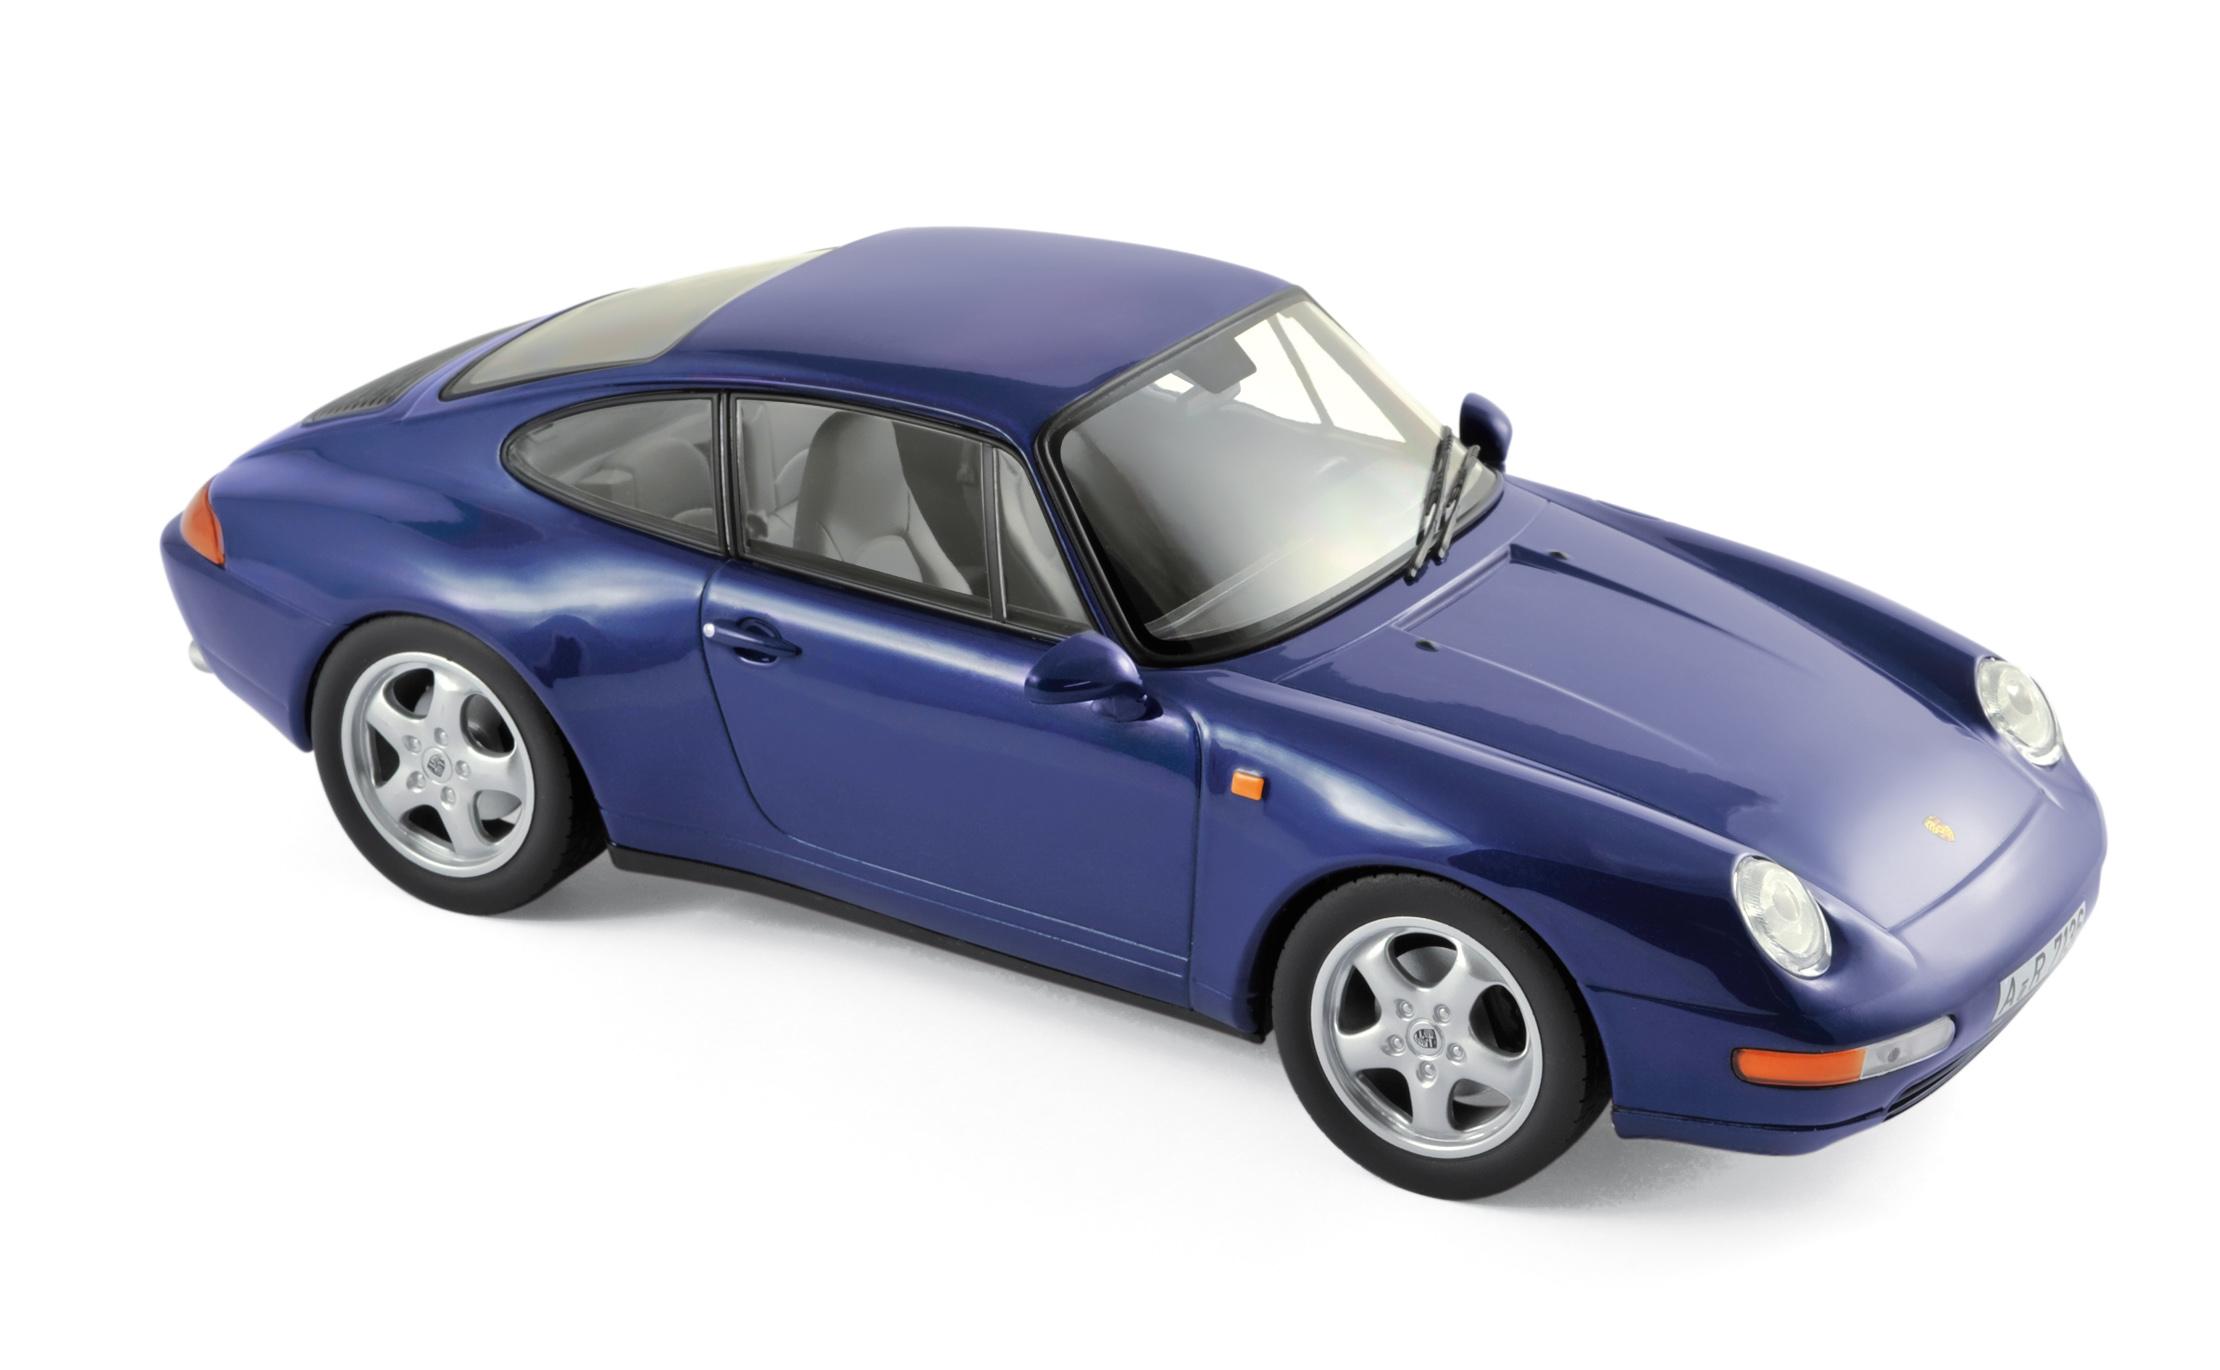 187593  Porsche 911 Carrera 1993, blauw met., Norev